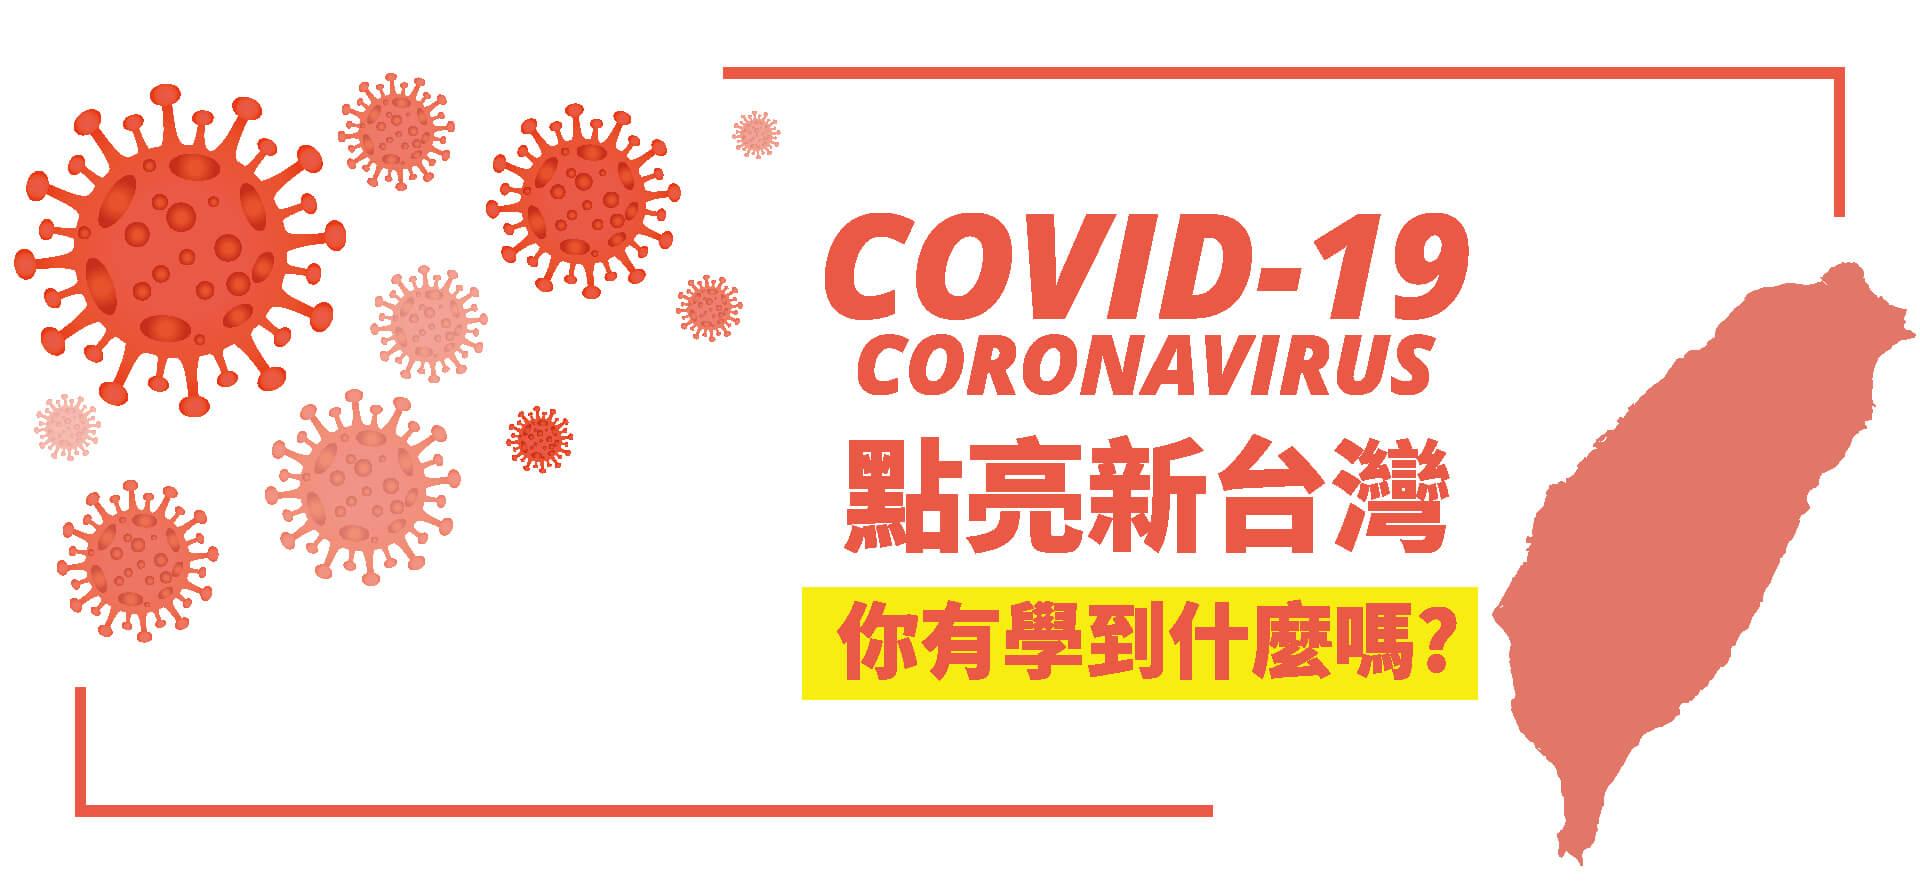 這一次新冠疫情點亮新台灣,你有學到什麼嗎? 1